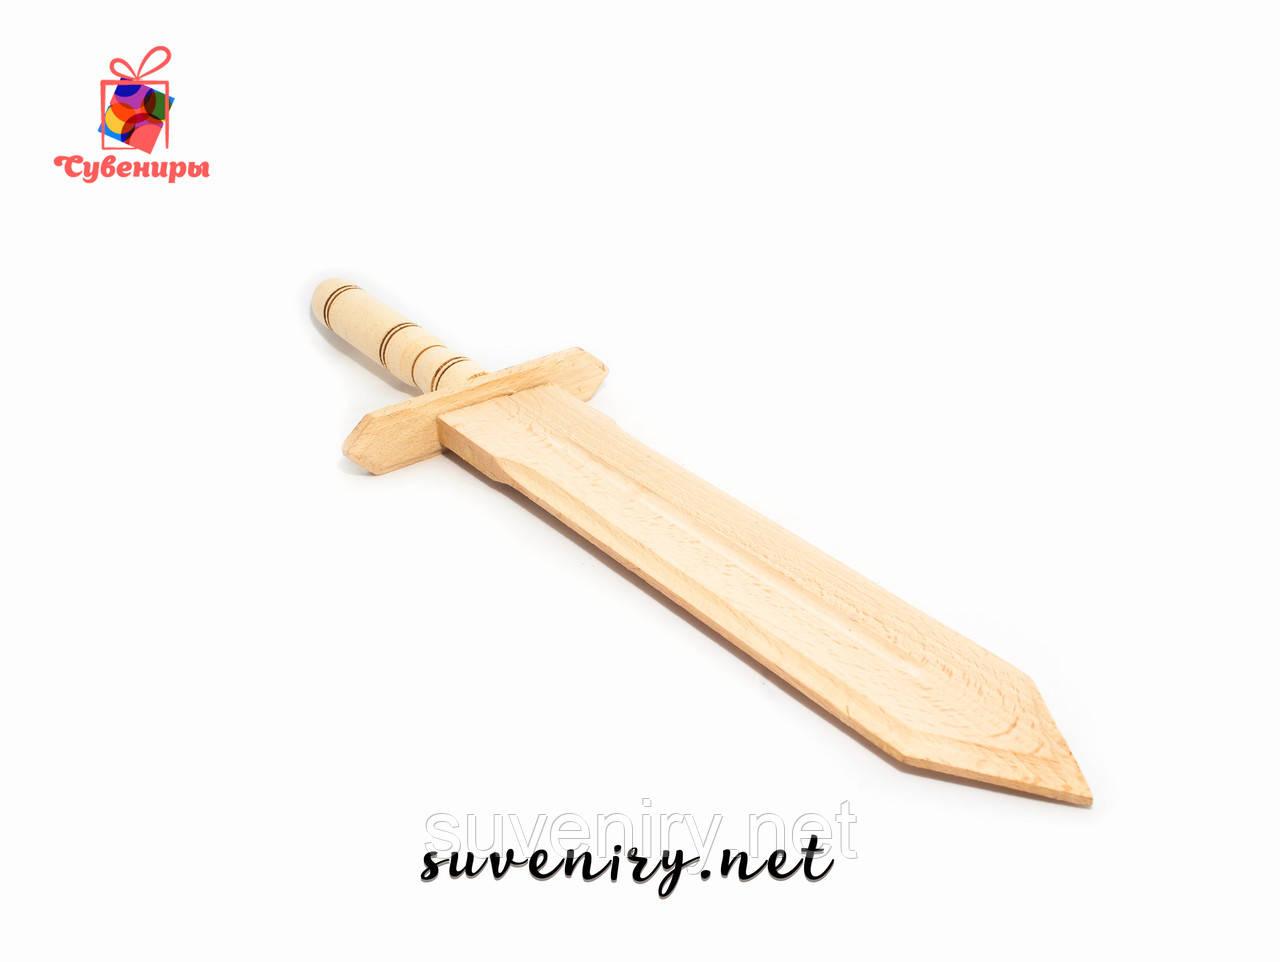 Деревянный сувенирный меч ручная работа